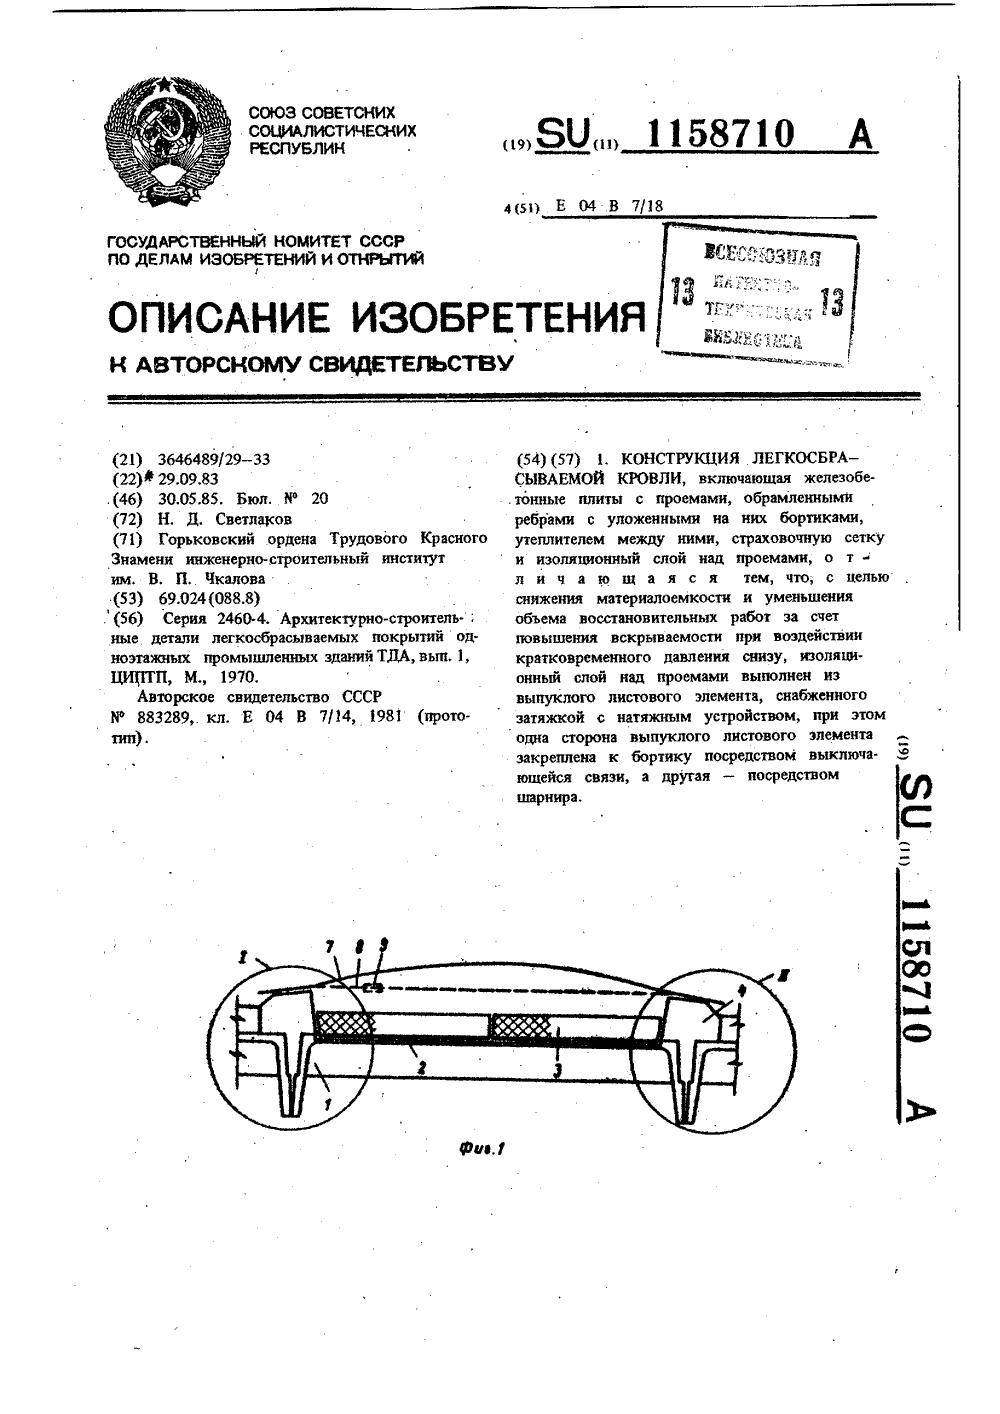 Выпуск 2 часть 1 рабочие чертежи плит размером 3х6 м для легкосбрасываемой кровли